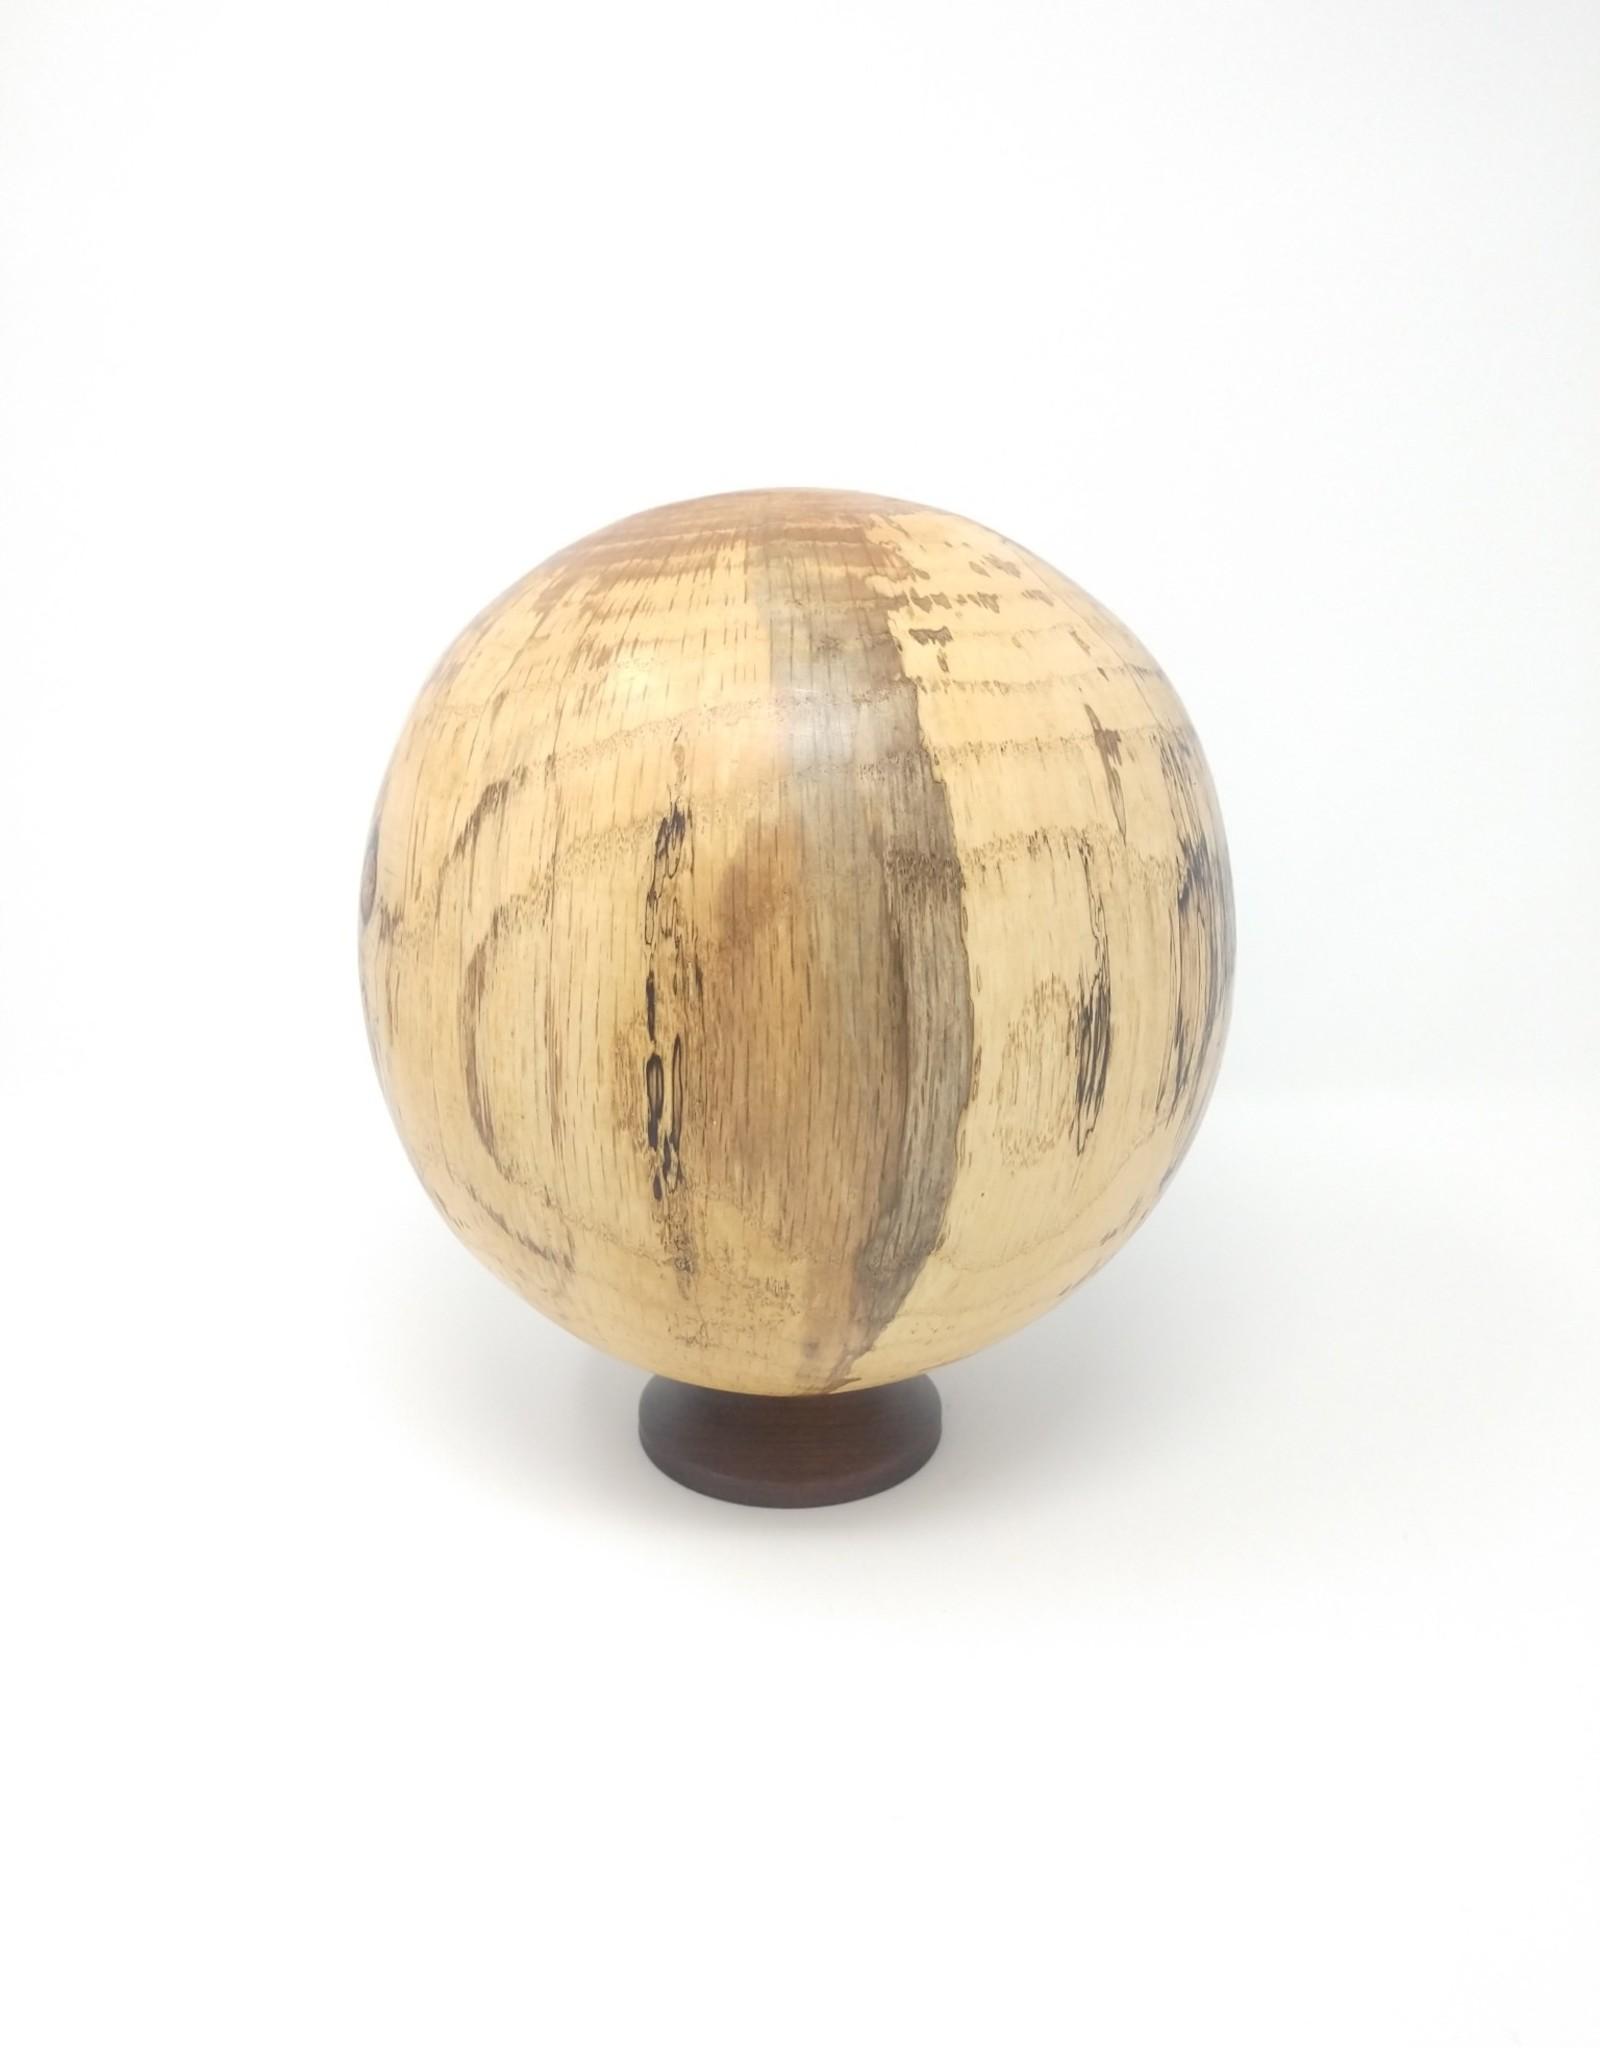 Art Jalbert Art Jalbert - Spalted Oak Hollow Ball